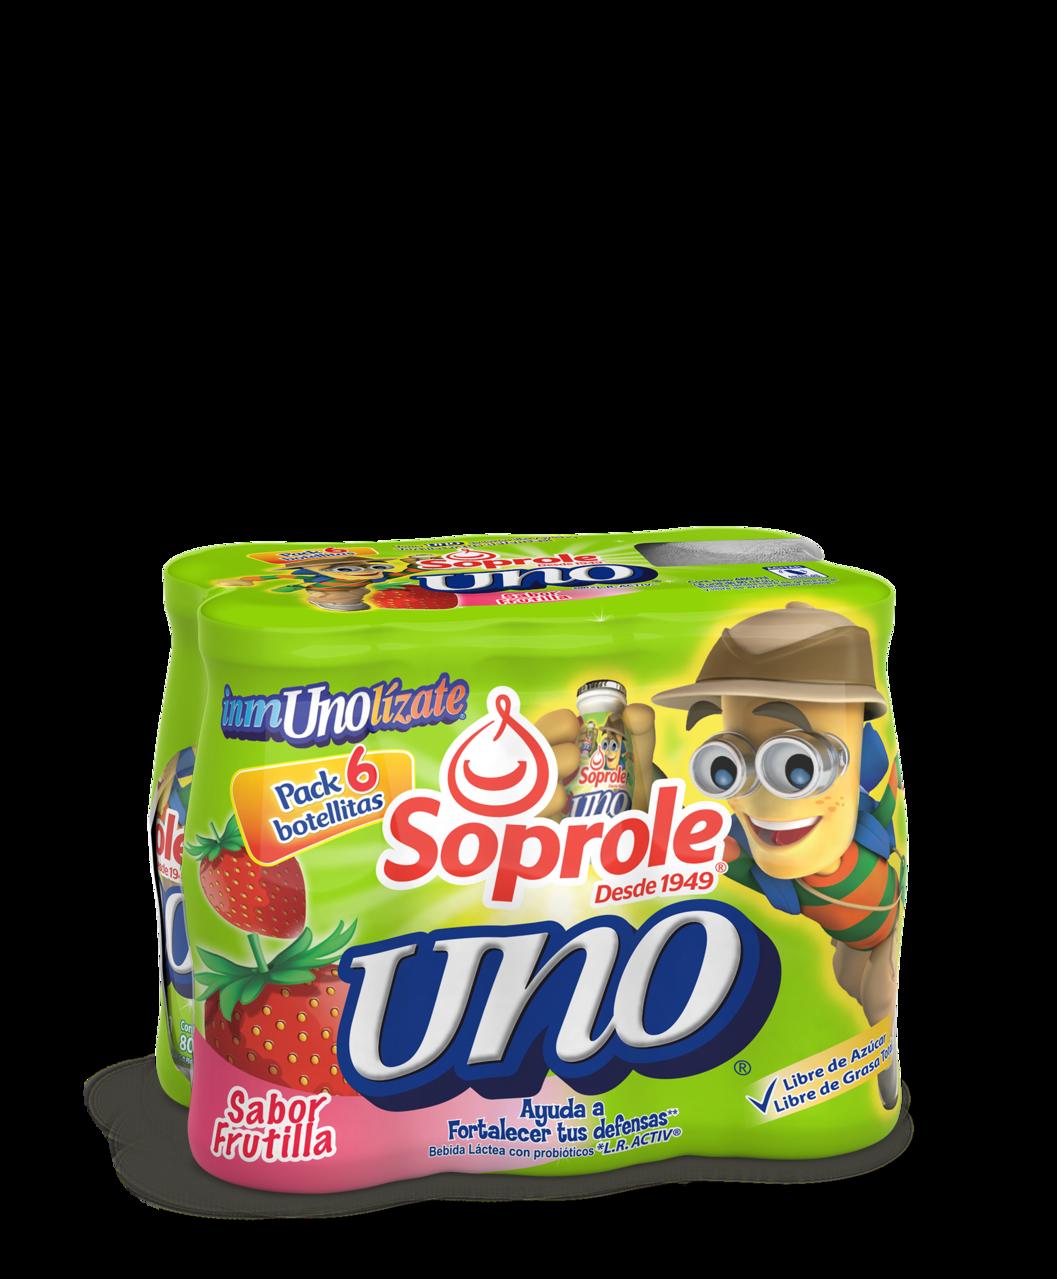 Soprole Uno sabor frutilla pack 6